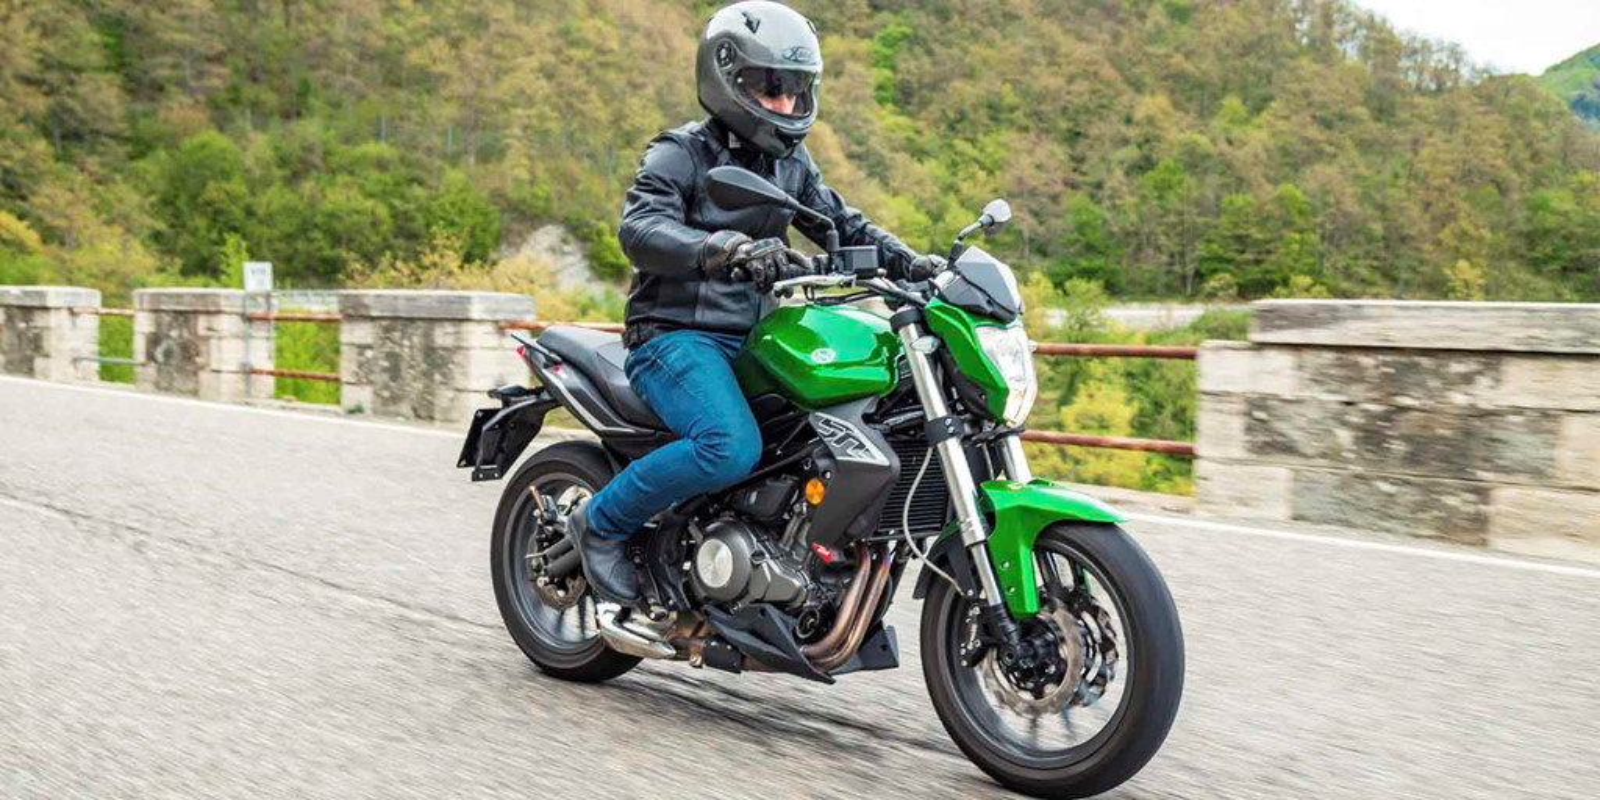 Nhung lua chon moto duoi 400cc tam gia 150 trieu dong-Hinh-4